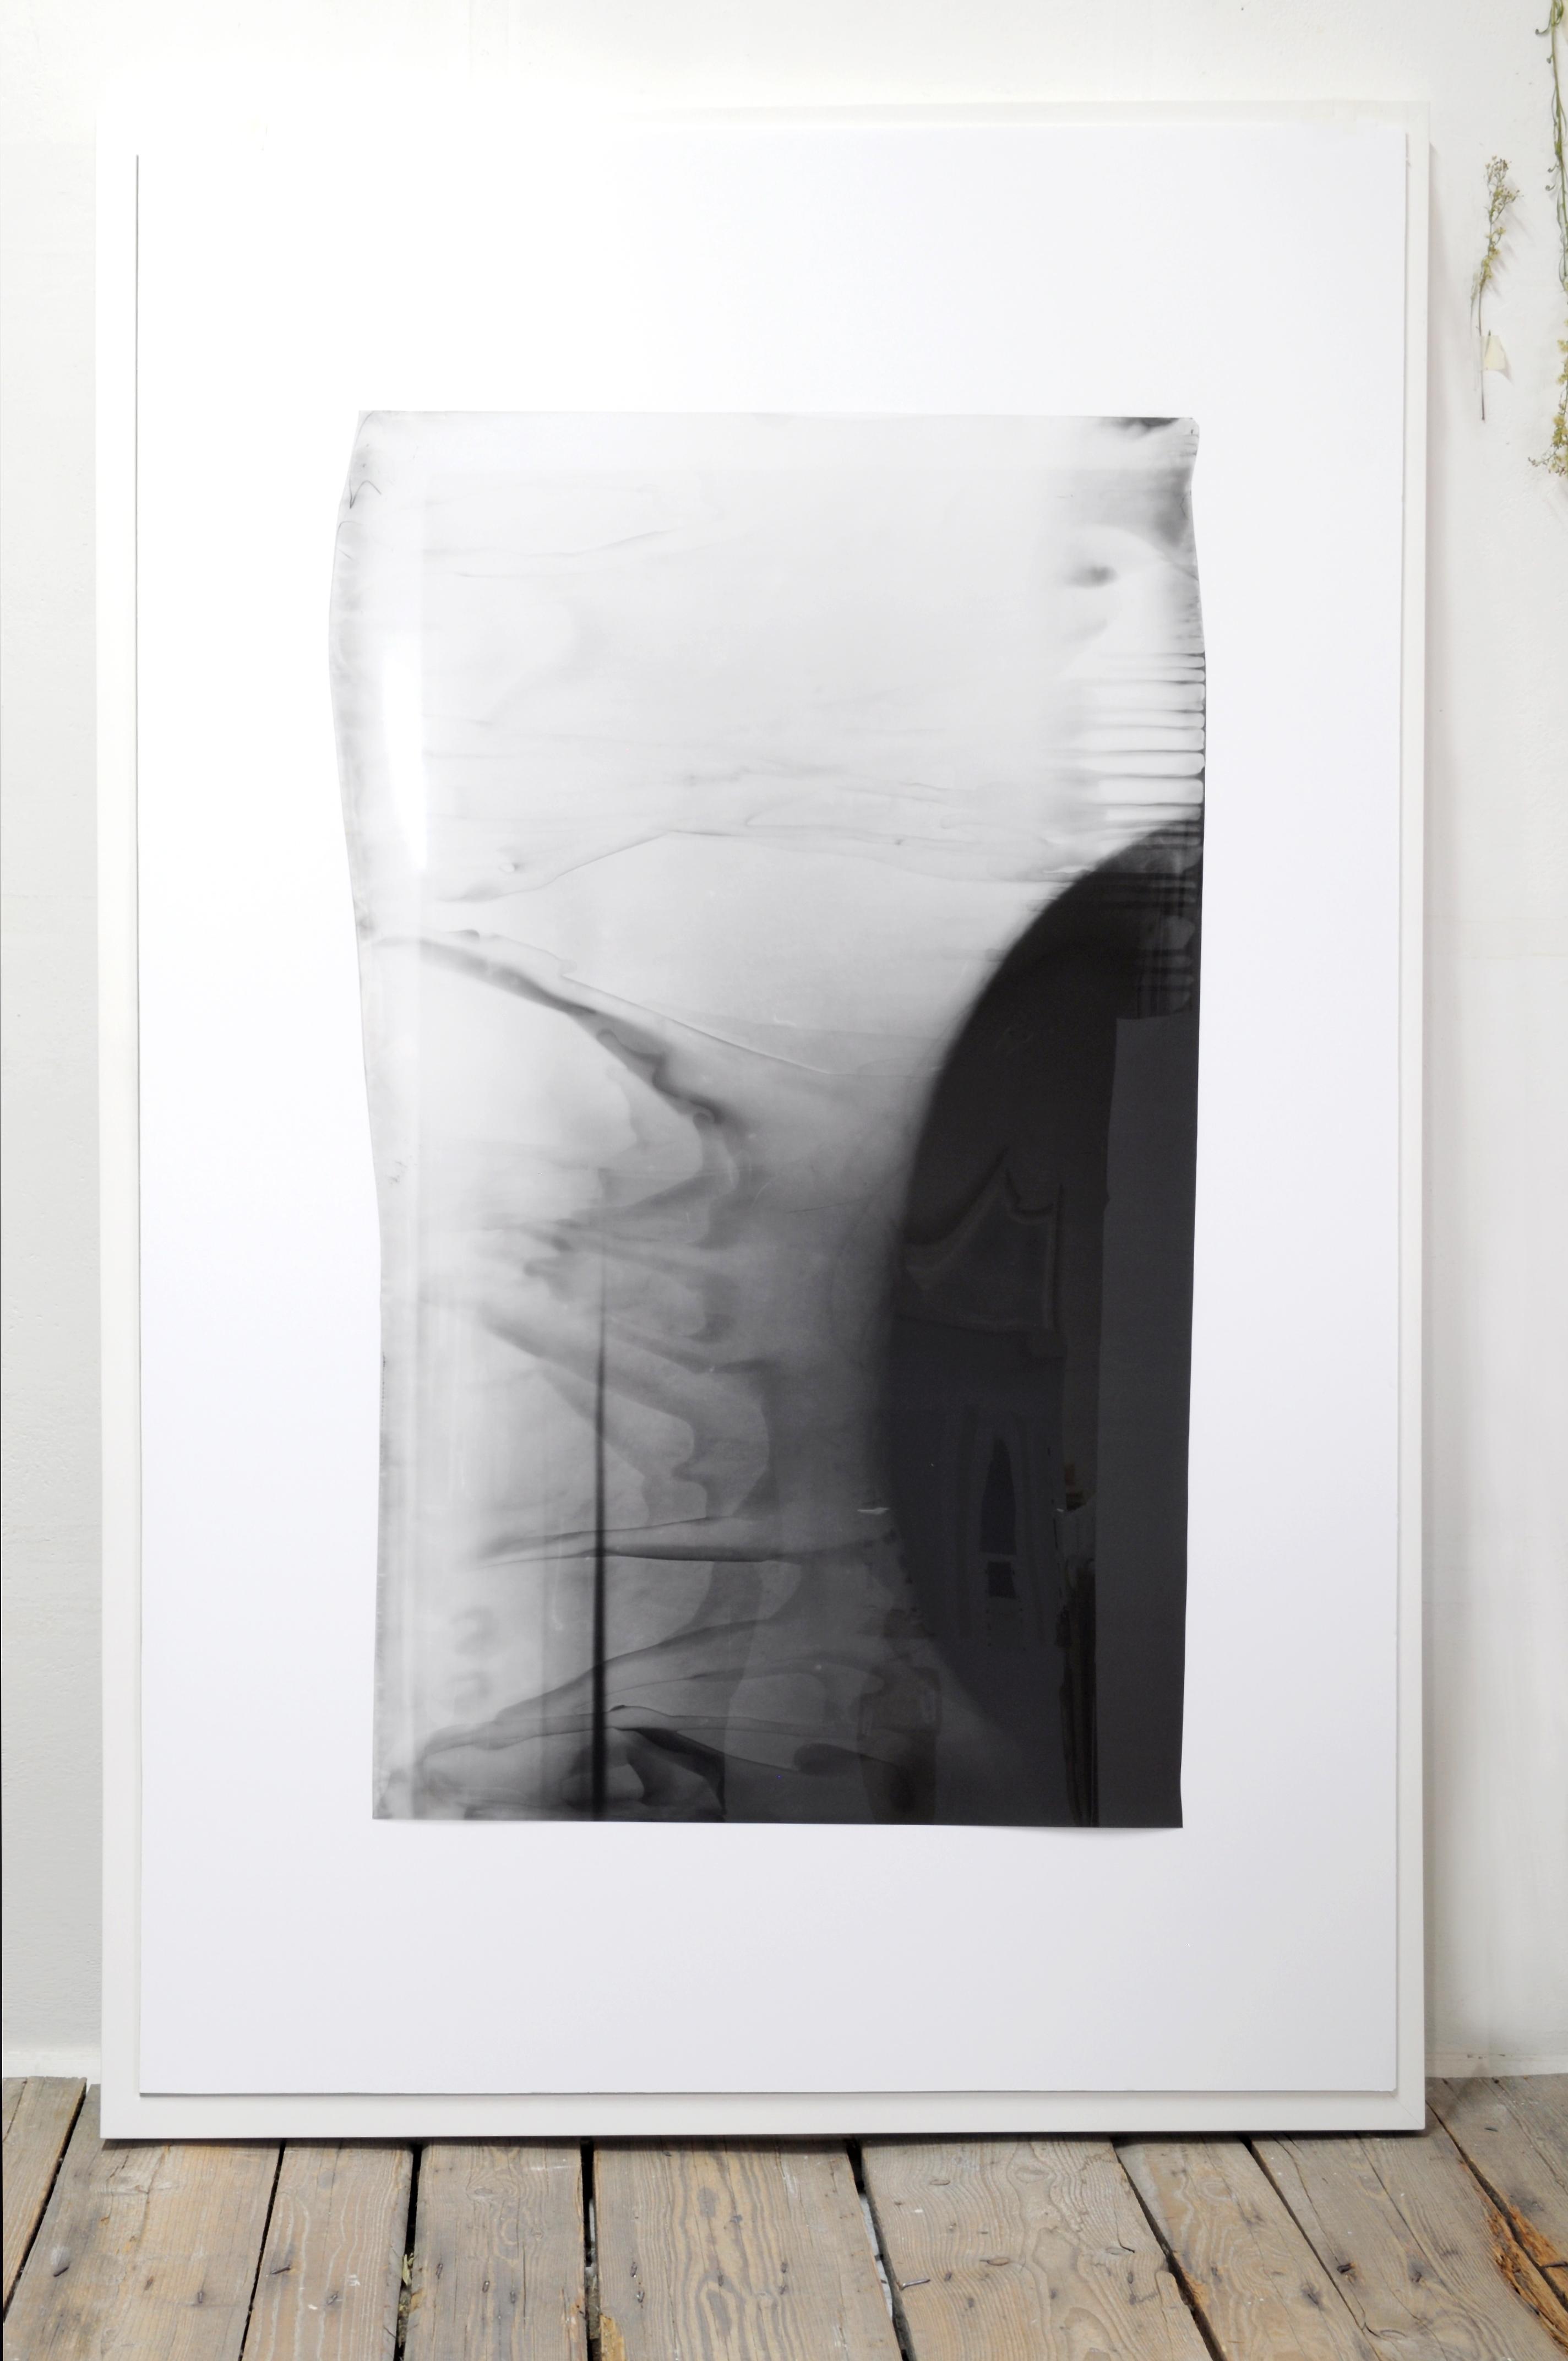 Luca Piovaccari, Ascolta il tuo respiro, 2016, pellicola fotografica, cm 103 x 150